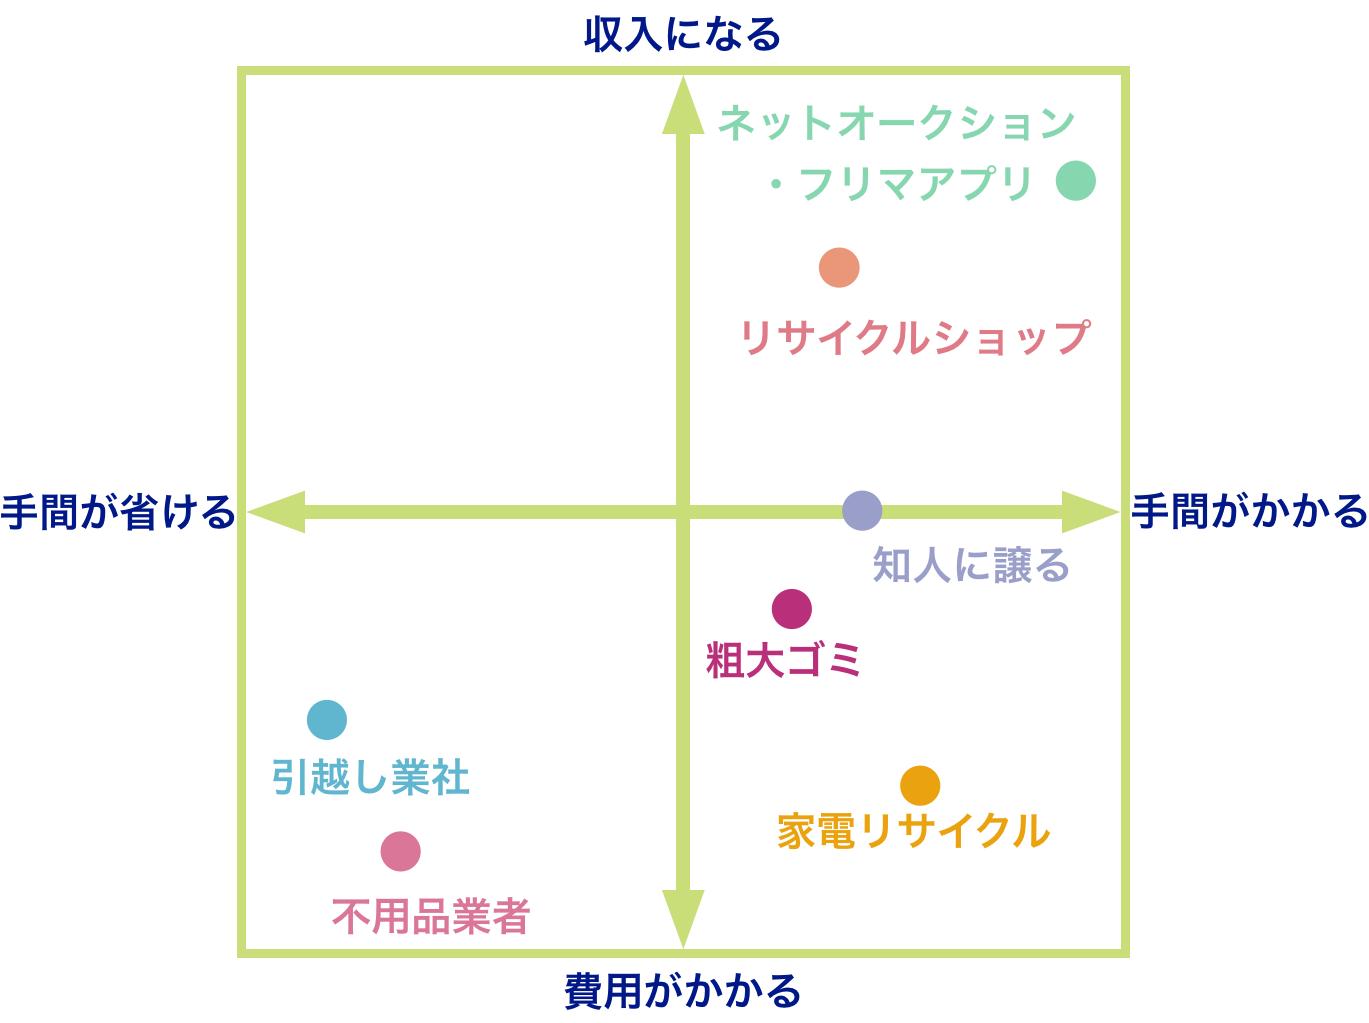 不用品処分方法の解説分布図